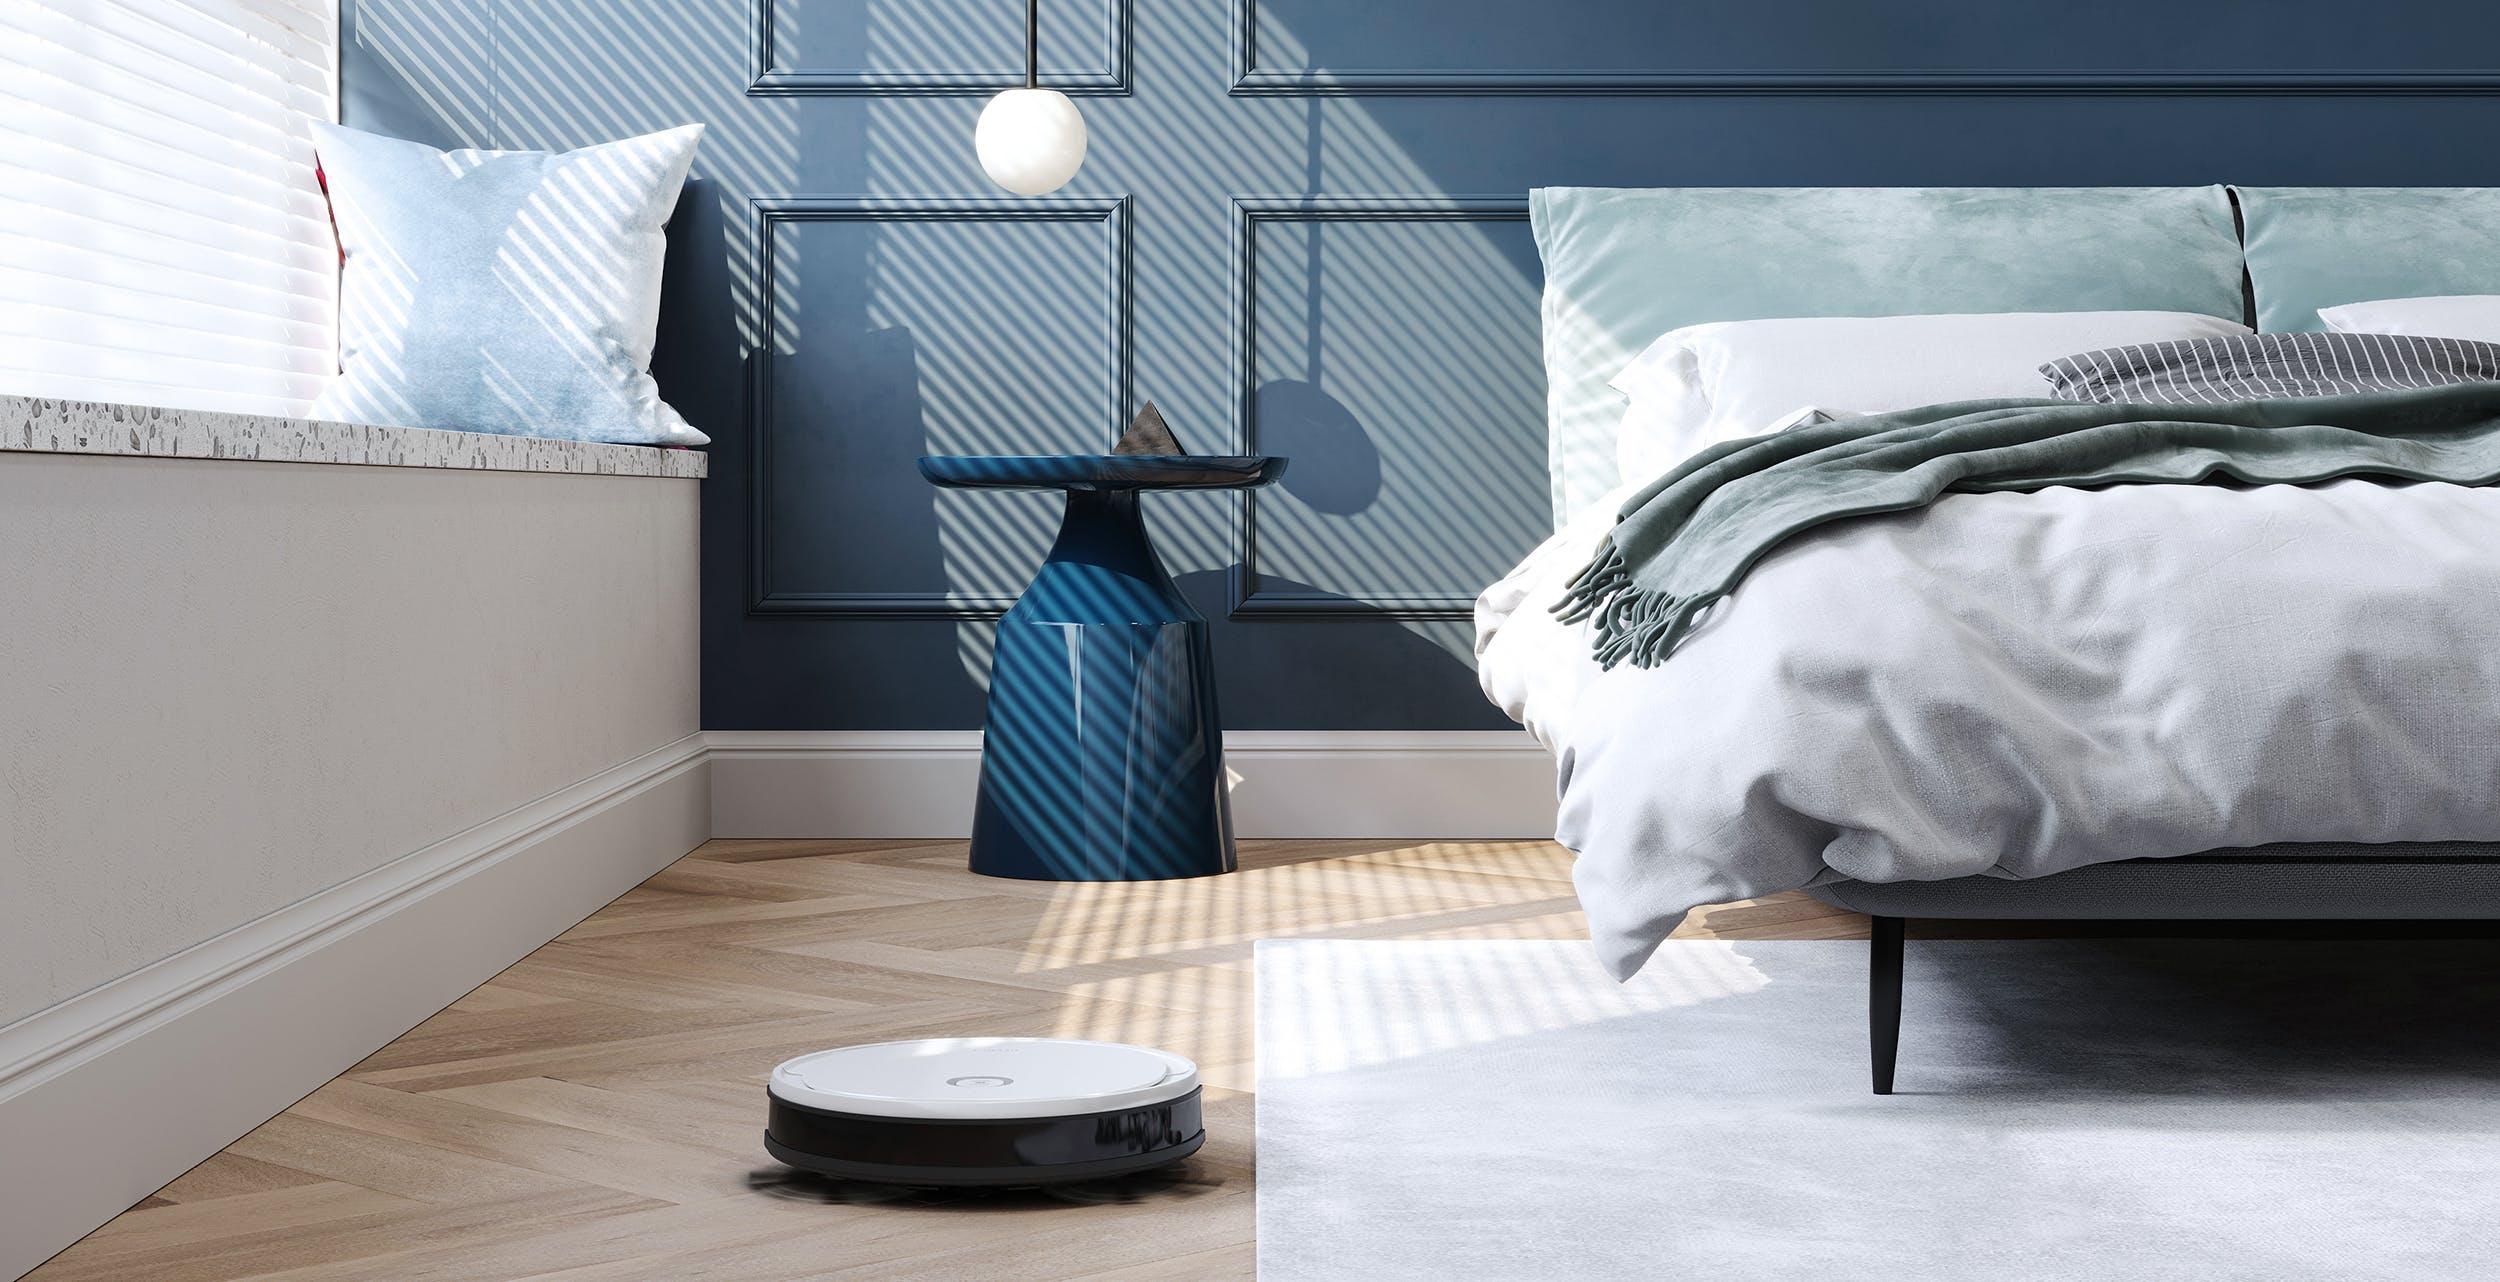 Ecco i robot per pavimenti Deebot U2 e U2 Pro di Ecovacs. Il lavaggio 2 in 1 arriva anche sui modelli base